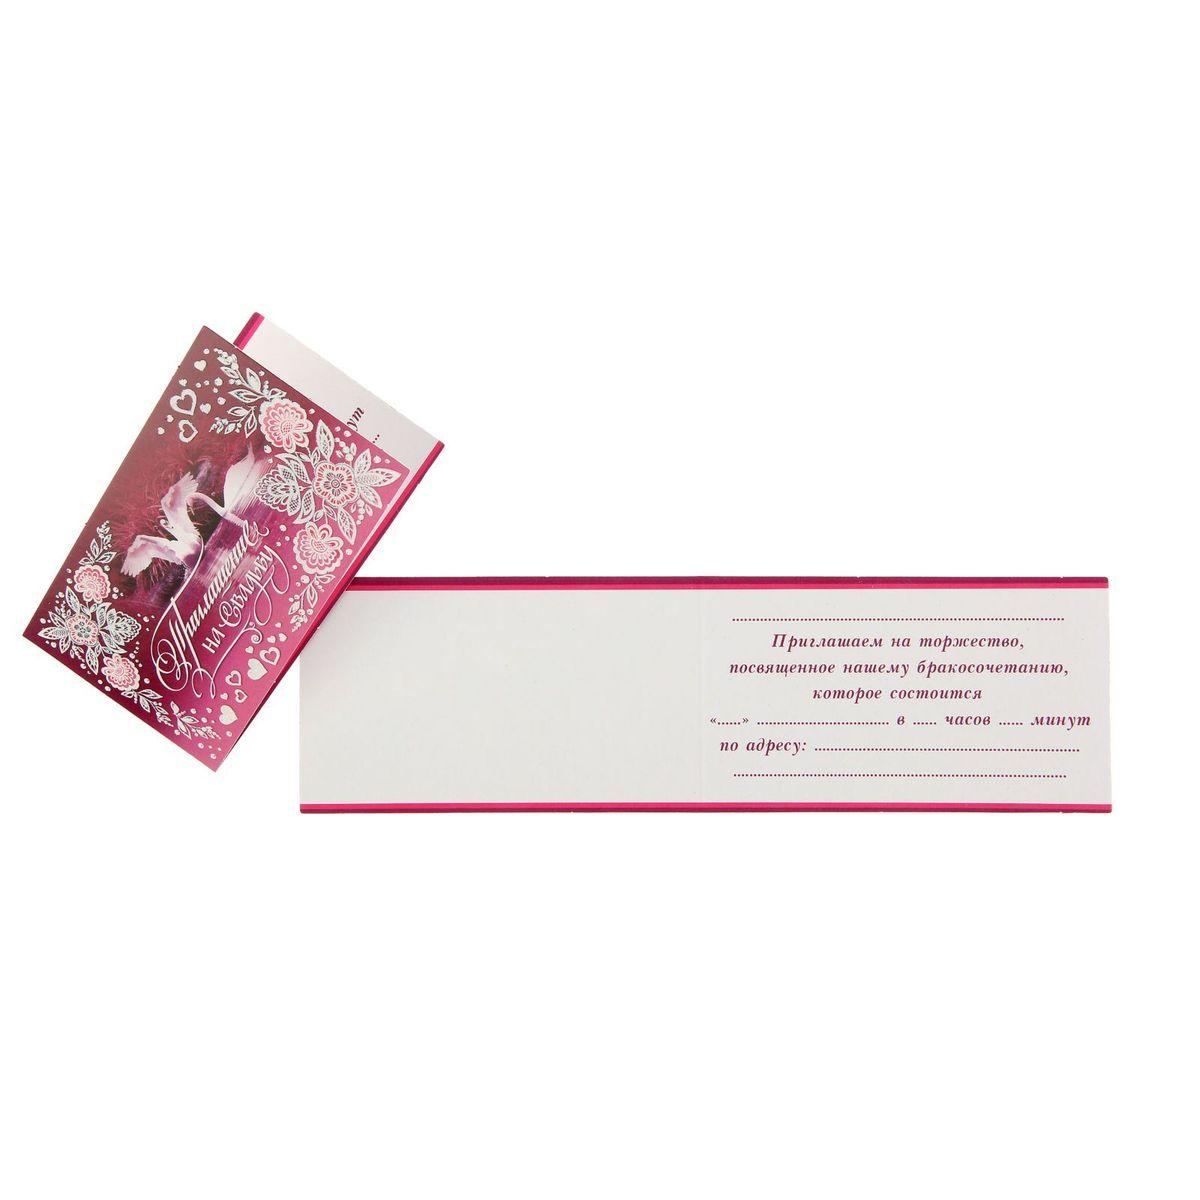 Приглашение на свадьбу Мир открыток ЛебедиC0042416Приглашение на свадьбу Мир открыток Лебеди, выполненное из картона, отличается не только оригинальным дизайном, но и высоким качеством. Лицевая сторона изделия оформлена красивым изображением лебедей, а также изящным узором. Внутри содержится поле для записи имени гостя, а также даты и места бракосочетания. Приглашение - один из самых важных элементов вашего торжества. Ведь именно пригласительное письмо станет первым и главным объявлением о том, что вы решили провести столь важное мероприятие. И эта новость обязательно должна быть преподнесена достойным образом. Приглашение - весомая часть всей концепции праздника.